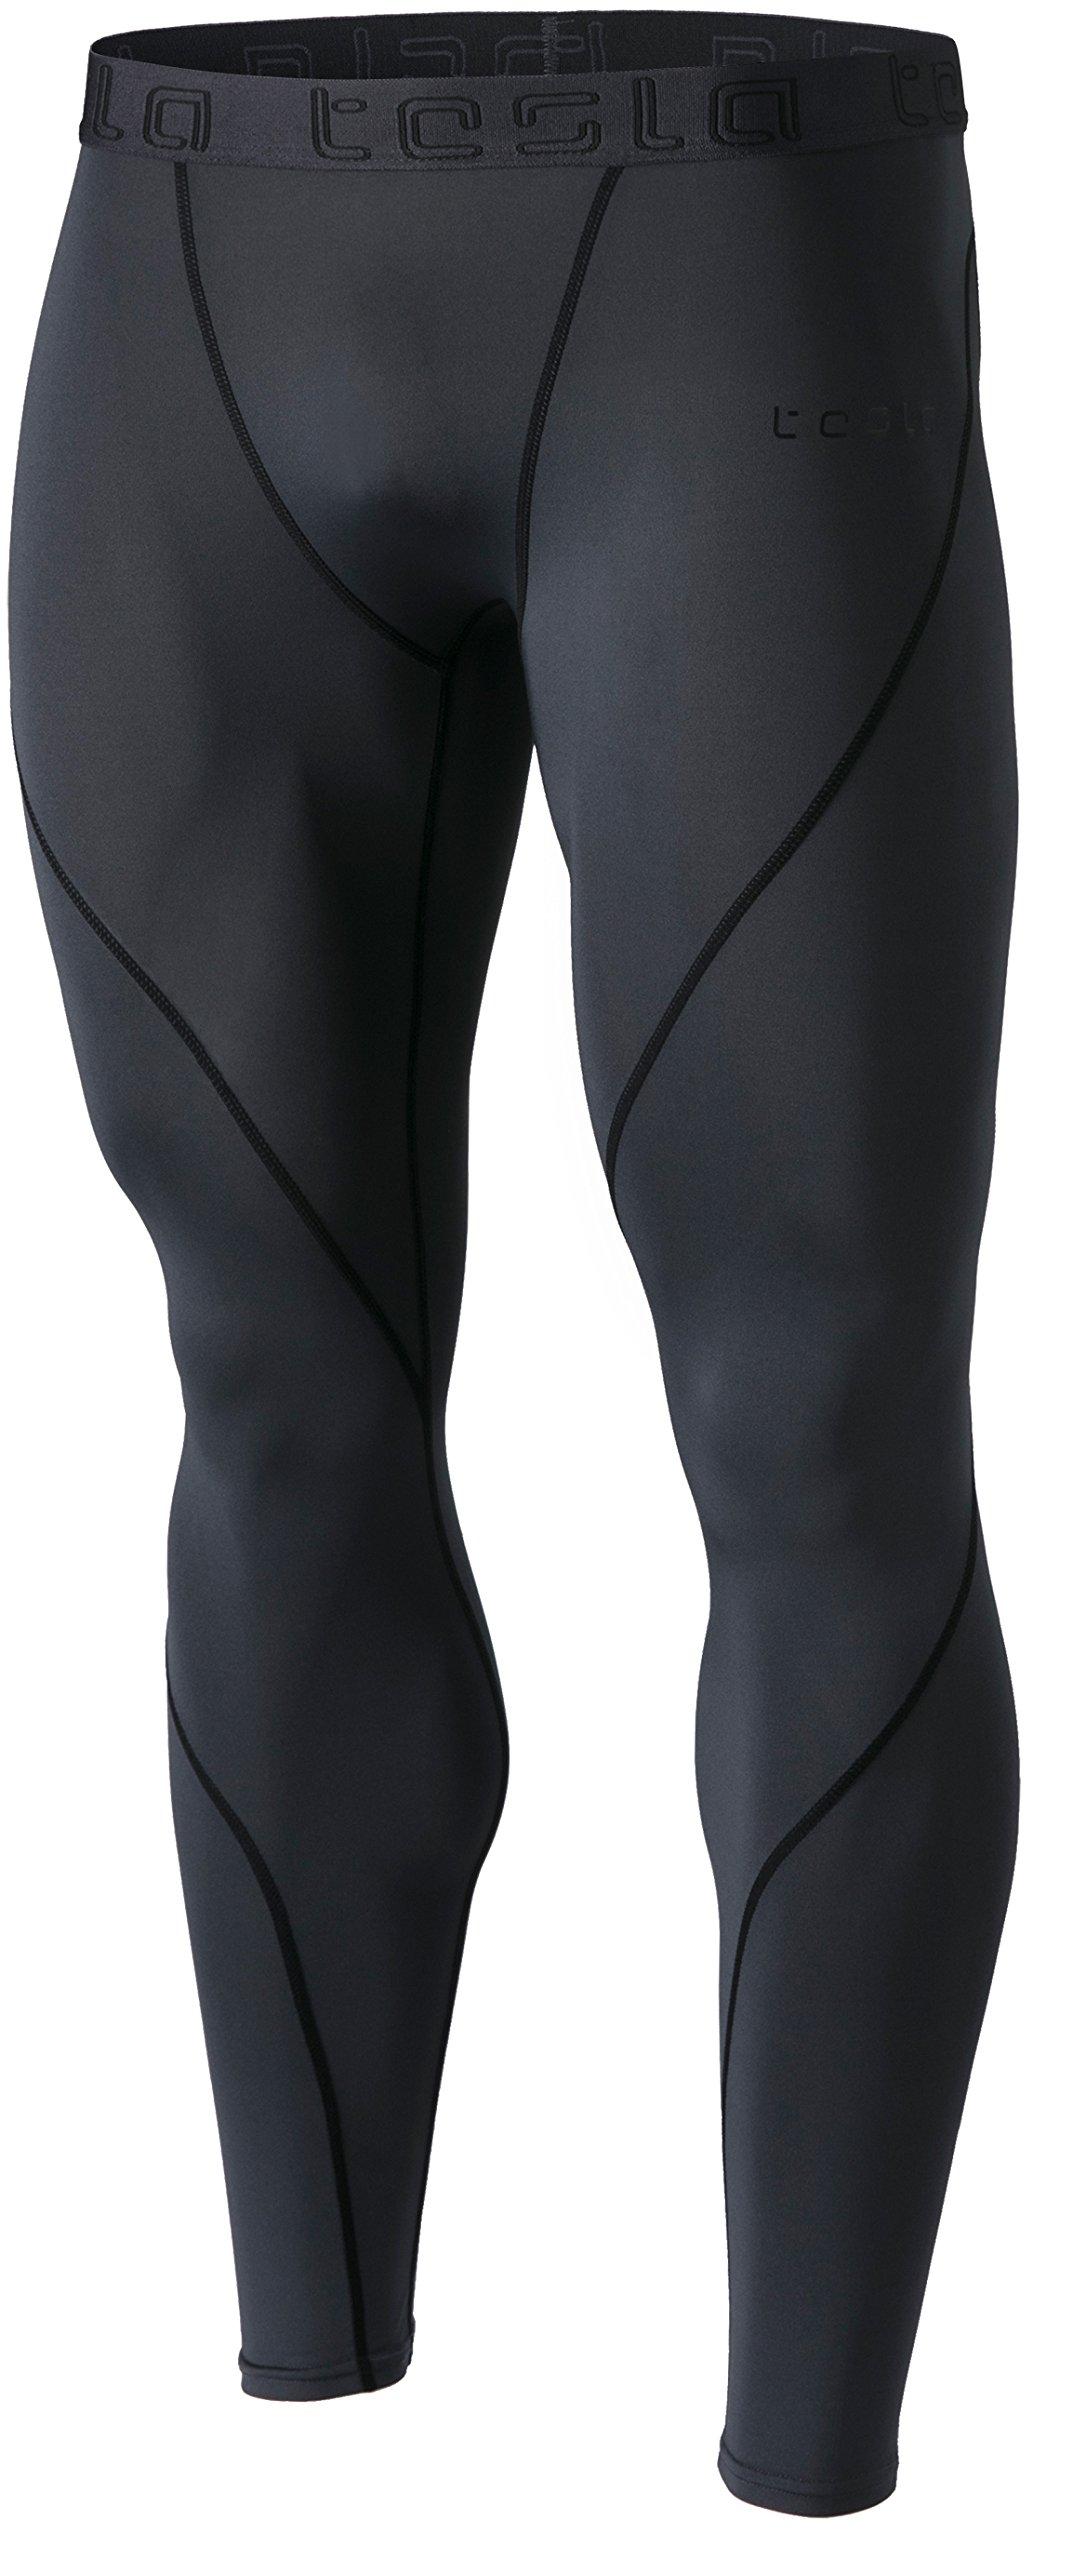 Tesla TM-MUP19-CHC_X-Large Men's Compression Pants